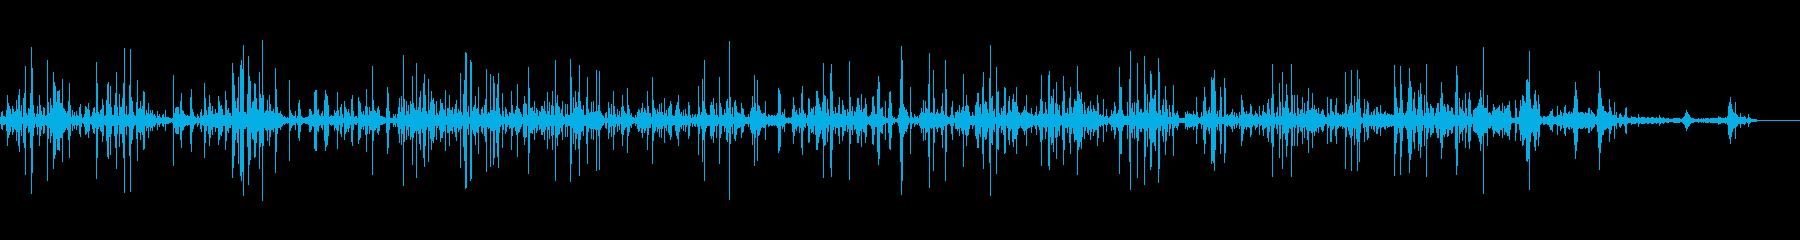 犬-食べる-飲む-スニフィンの再生済みの波形